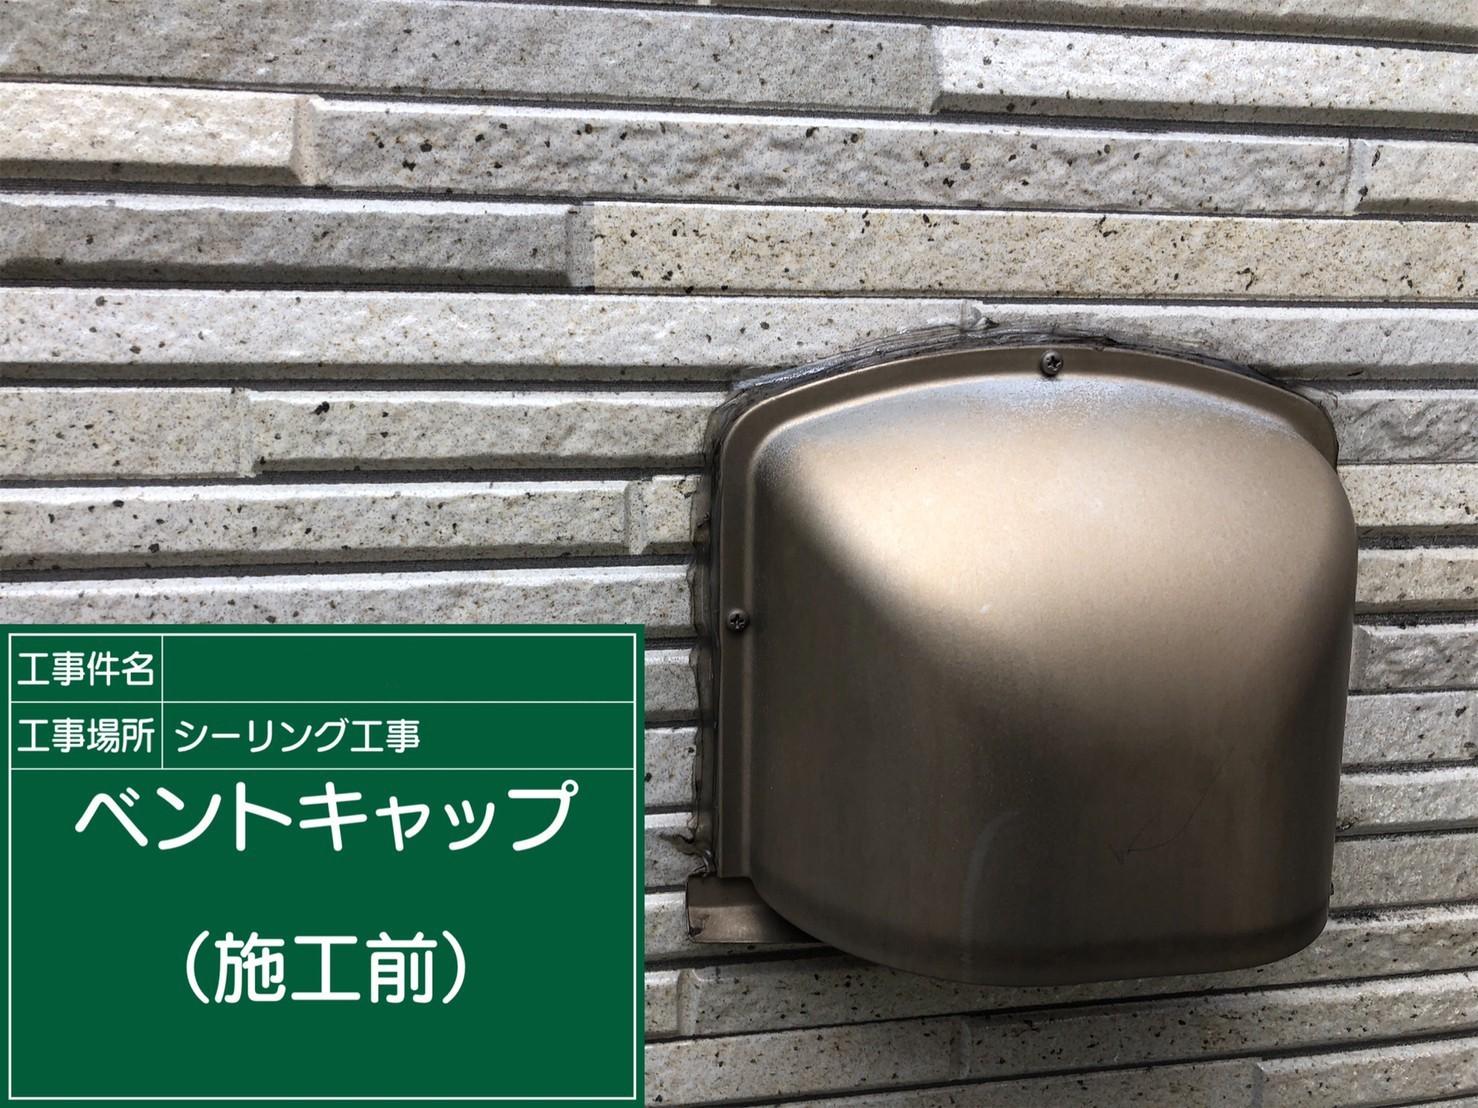 【ベントキャップ】①施工前